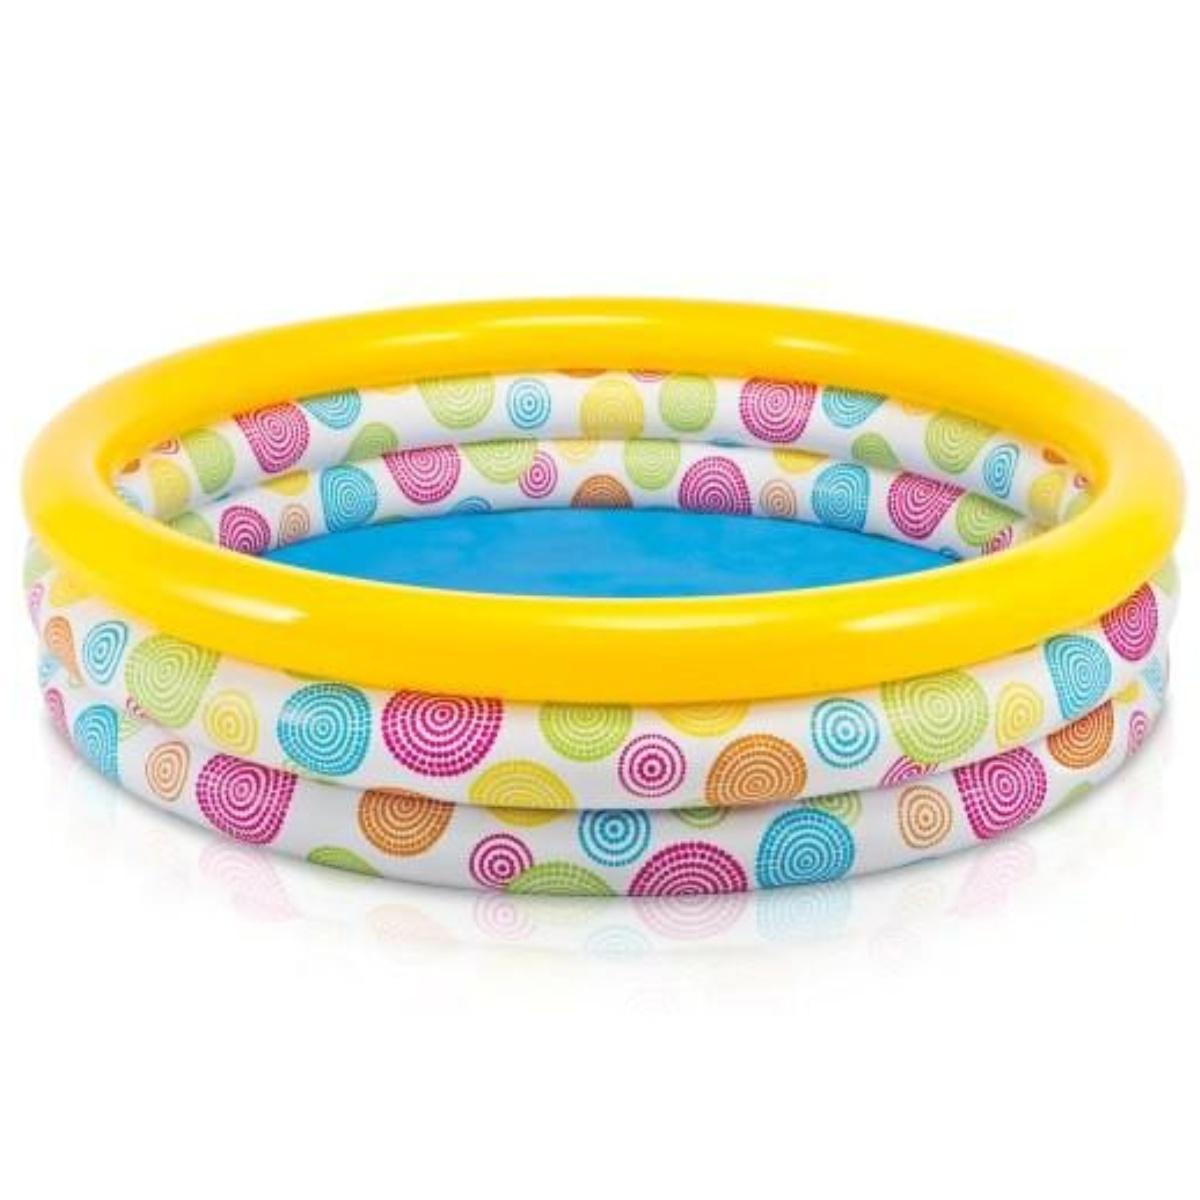 Nafukovací bazén Color Wave 147 x 33 cm